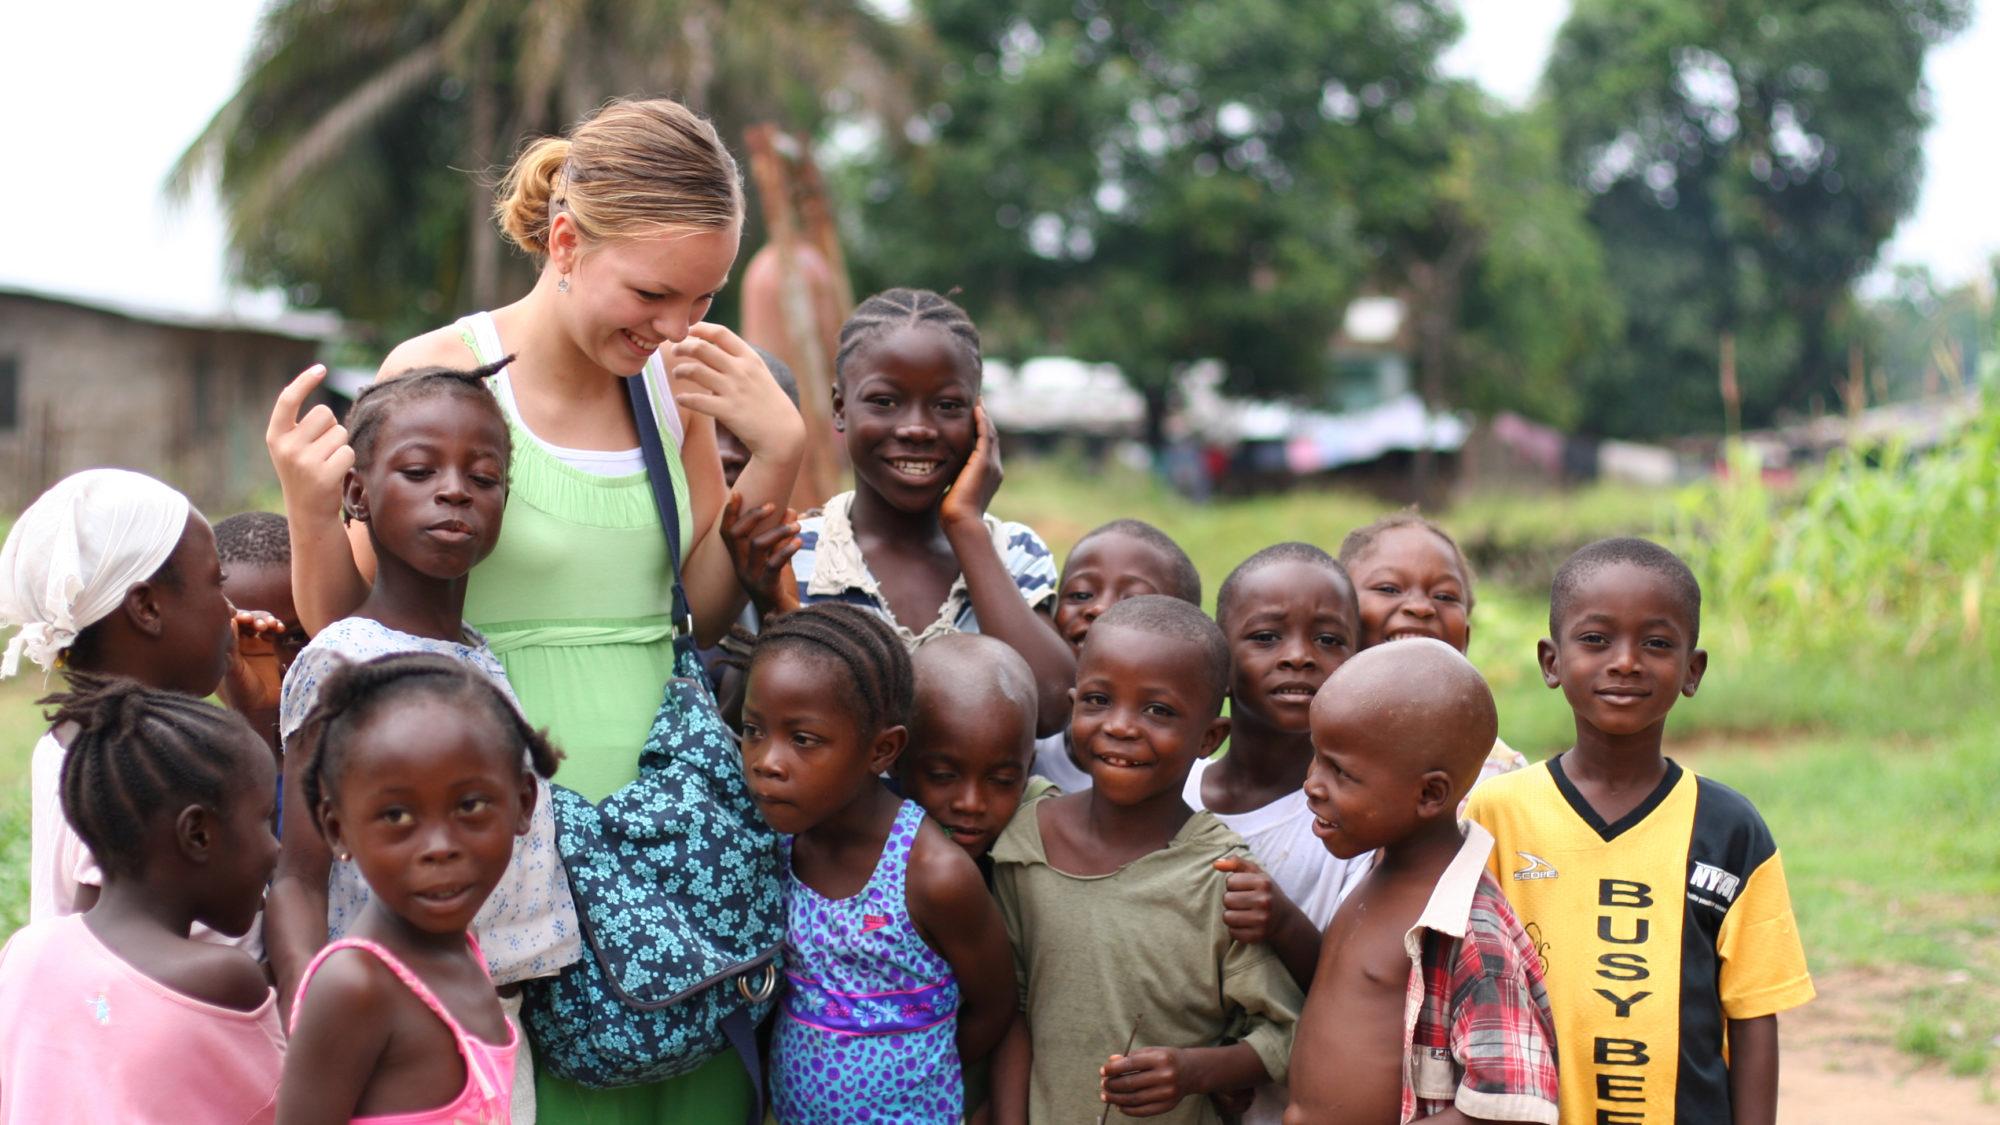 Voluntariado no estrangeiro: viajar marcando a diferença